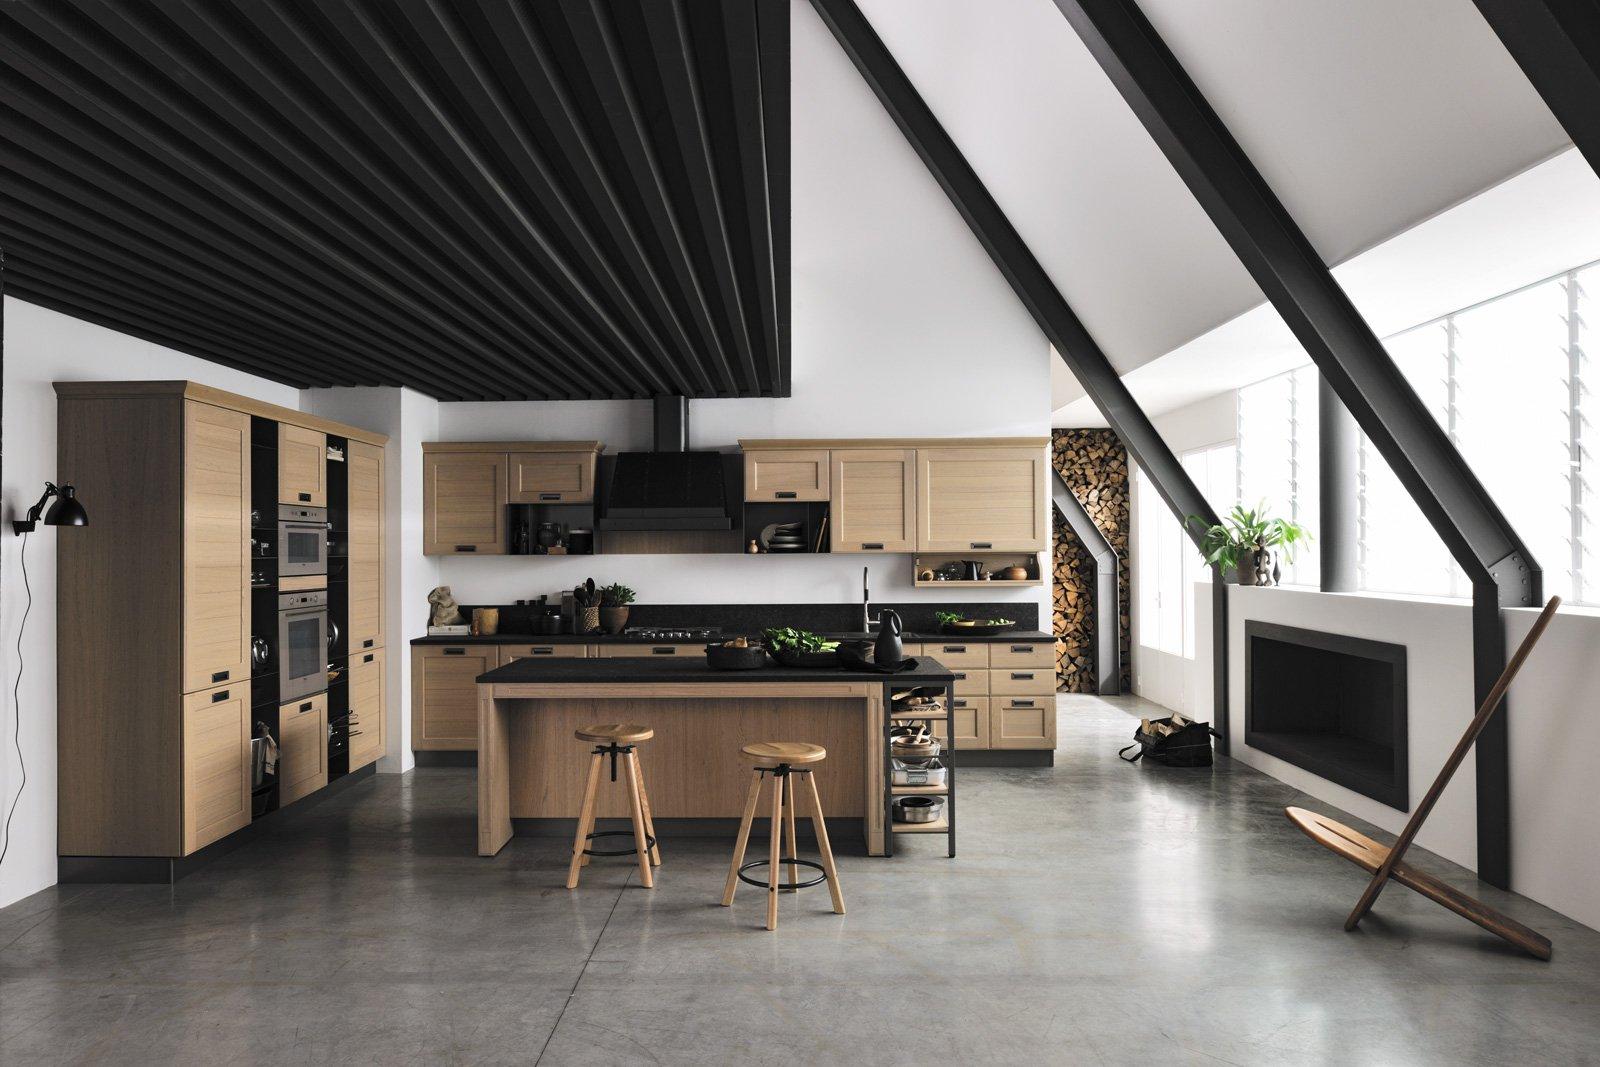 Superfici materiche in cucina cose di casa - Cucine in legno chiaro ...